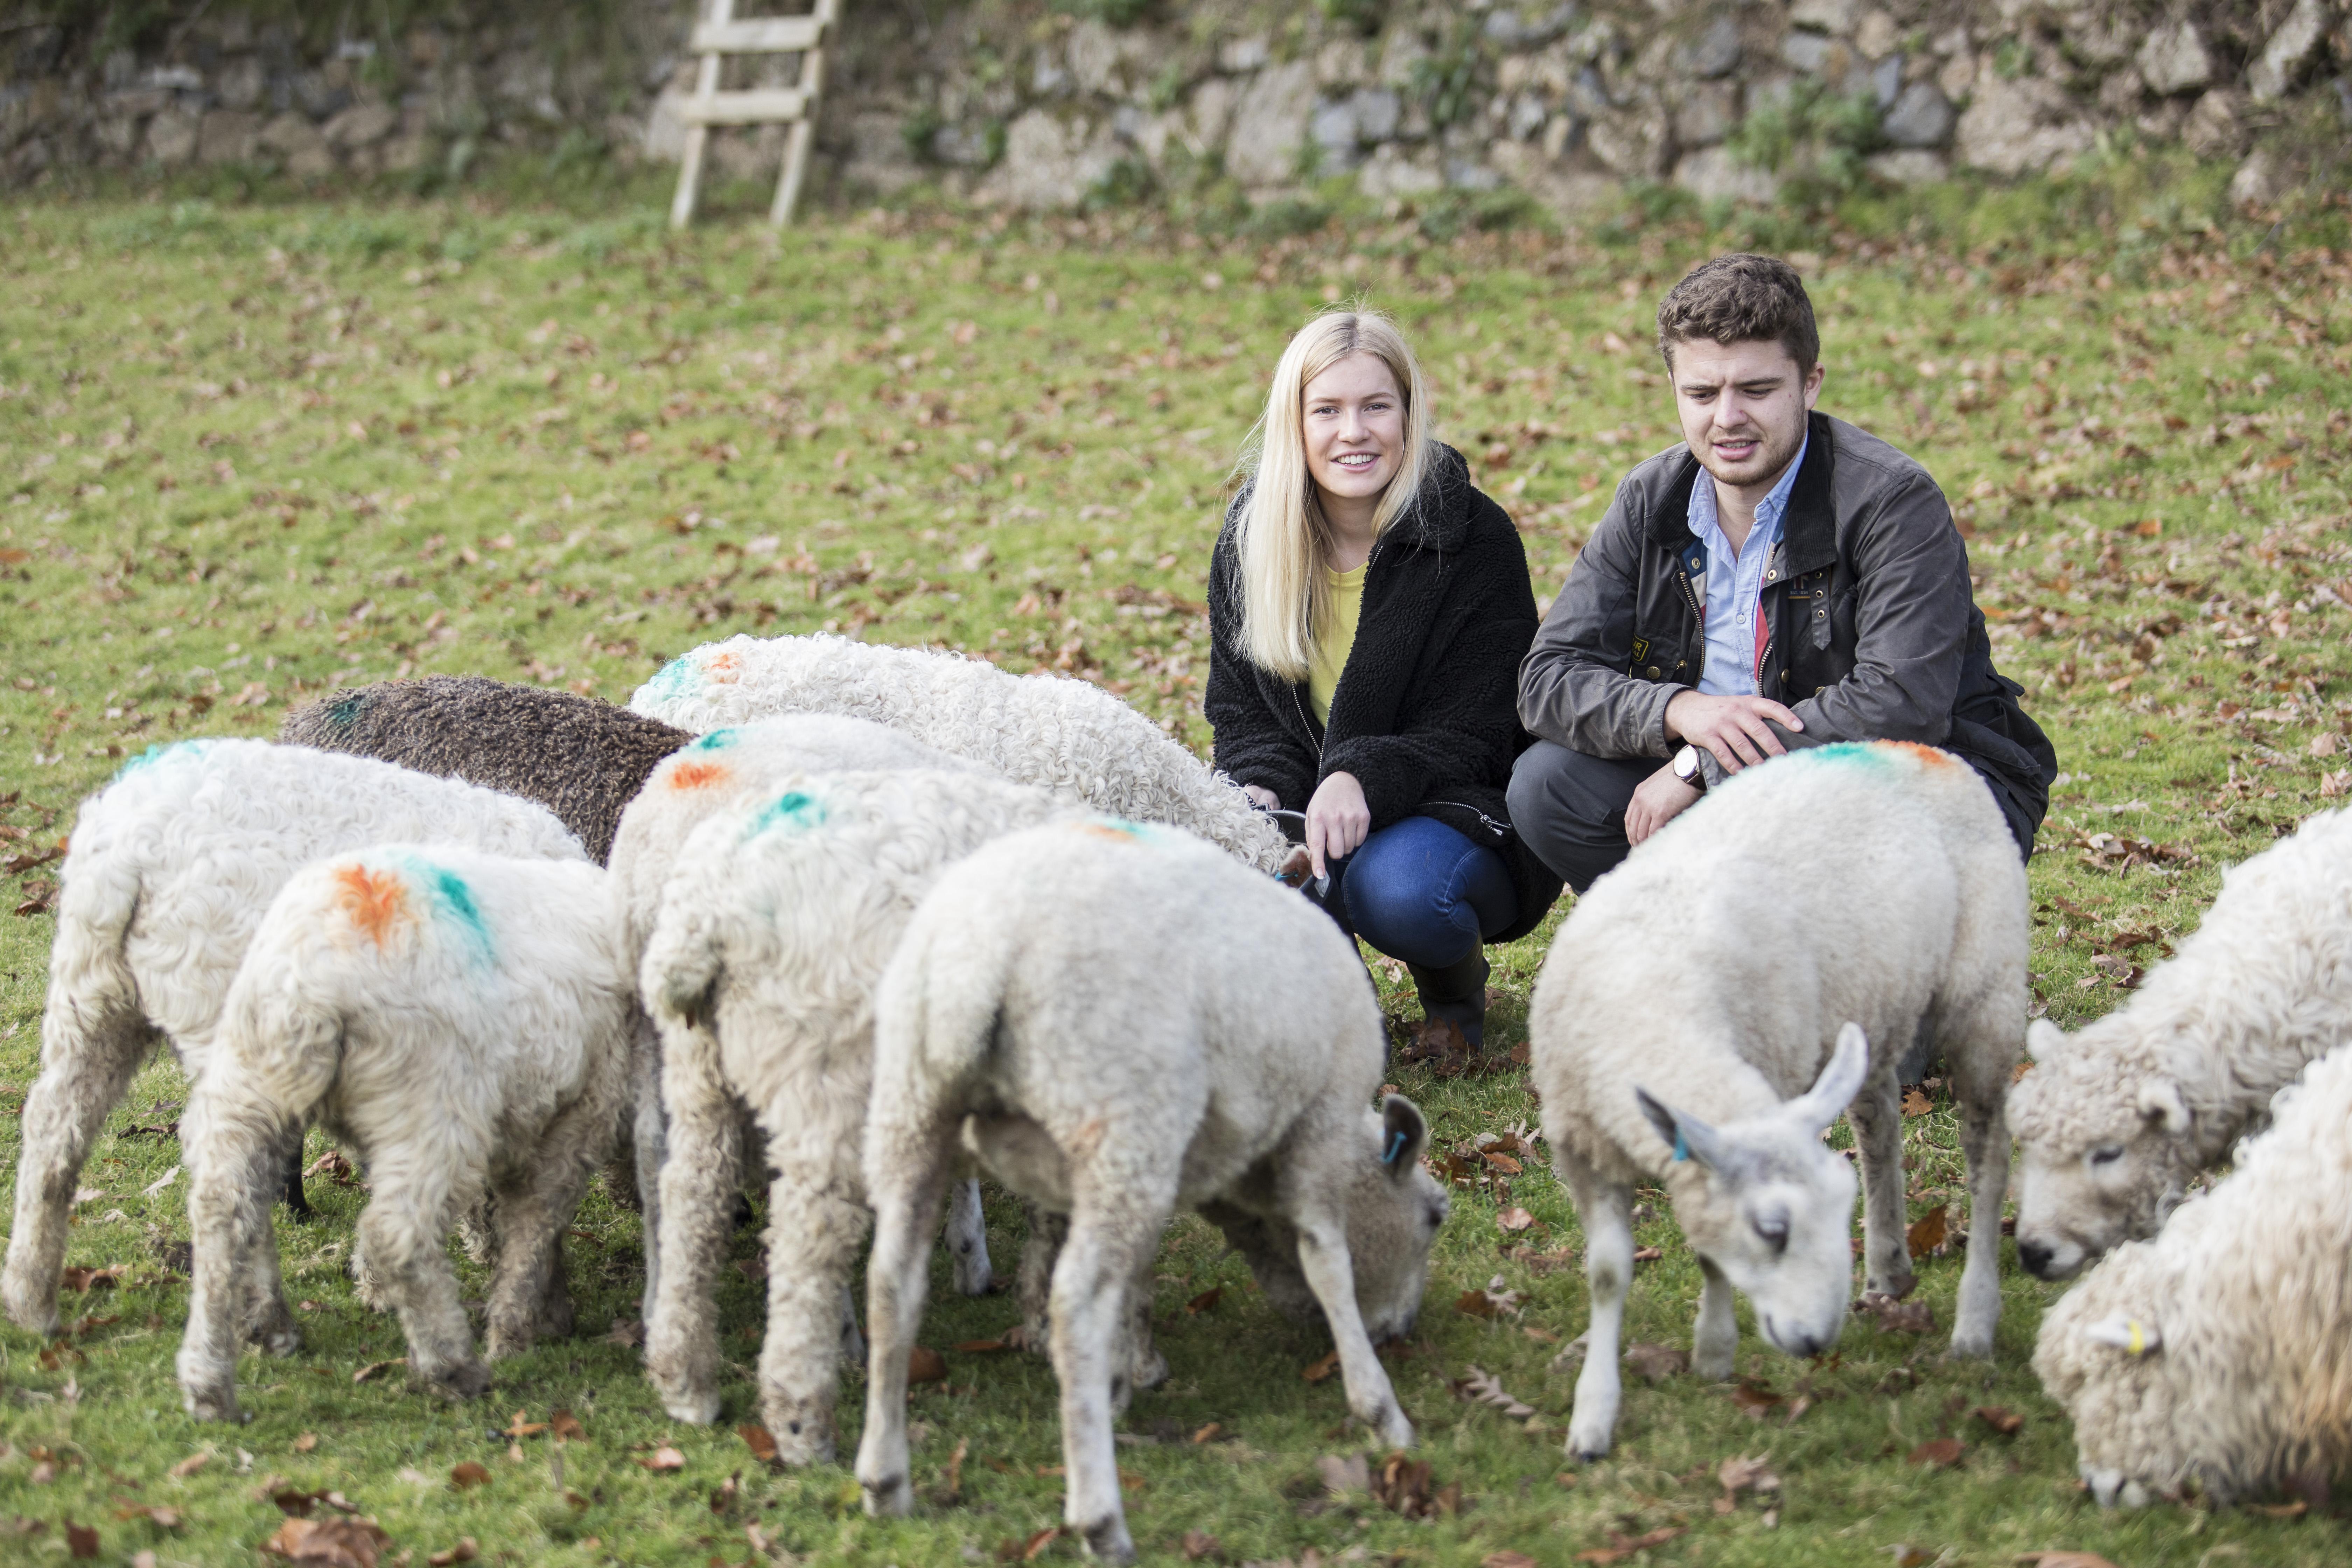 Dartmoor Shepherd_is3a5549